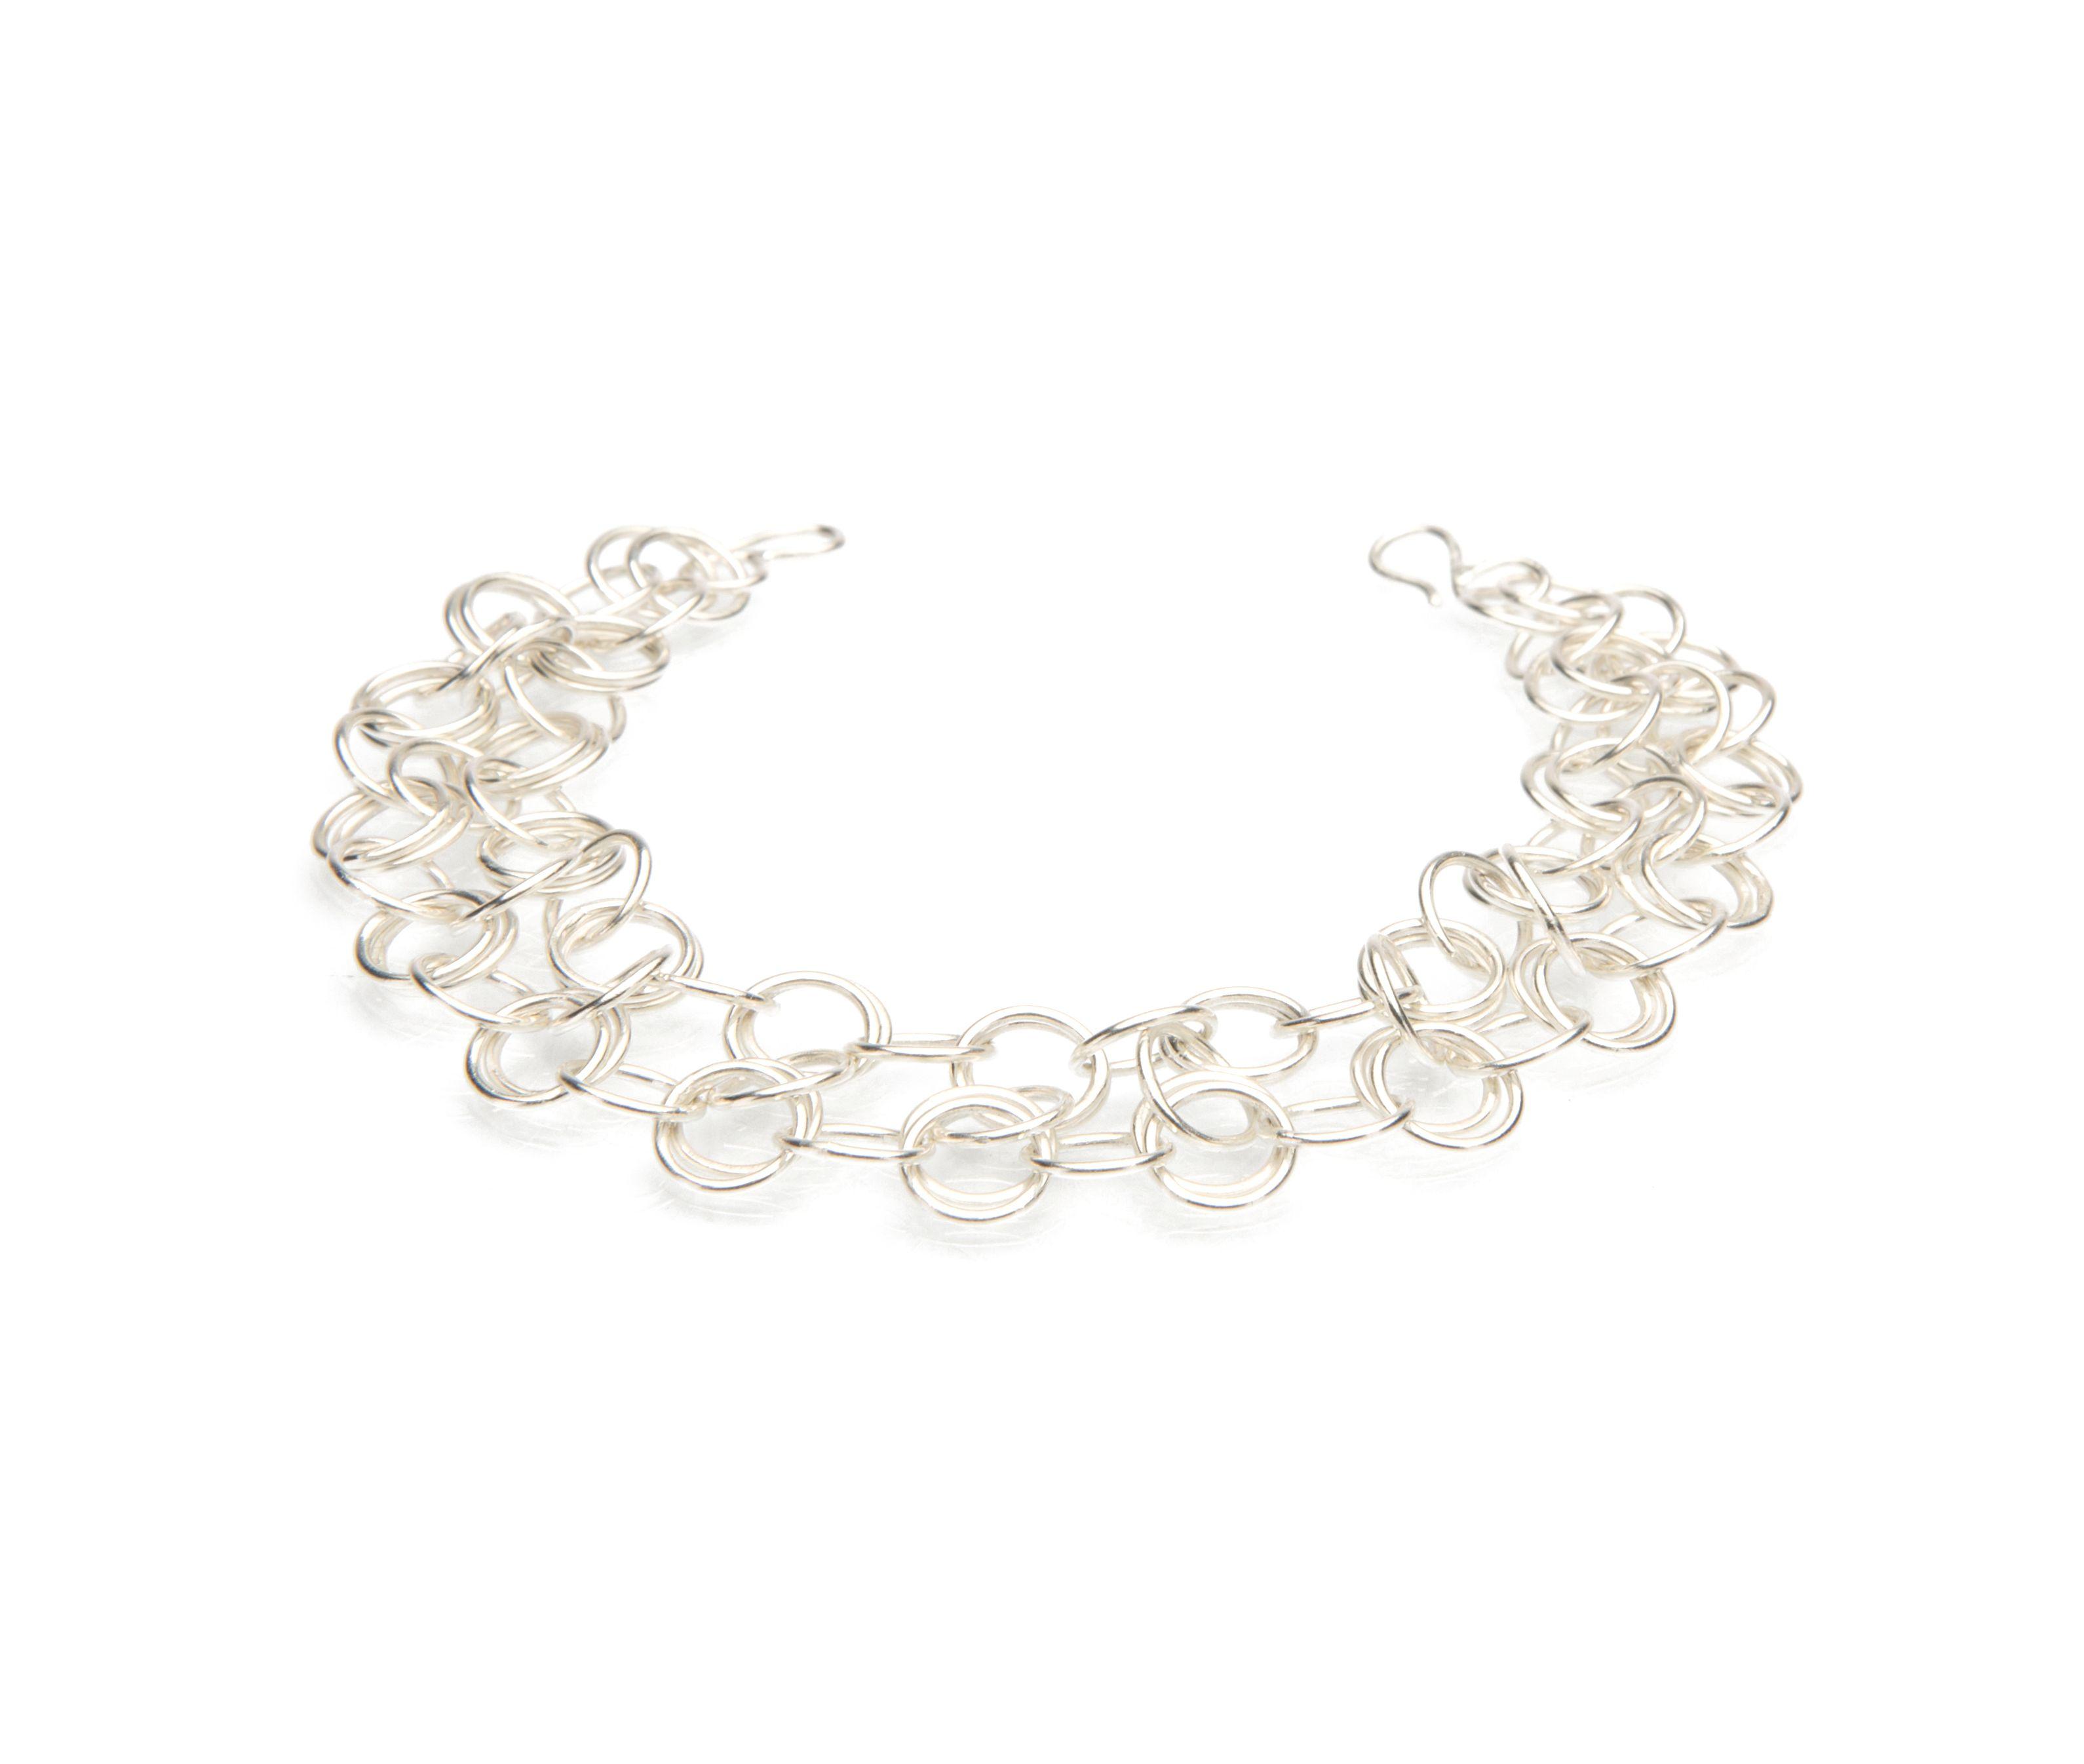 Encaixe bracelet Silver www.manuale.com.br